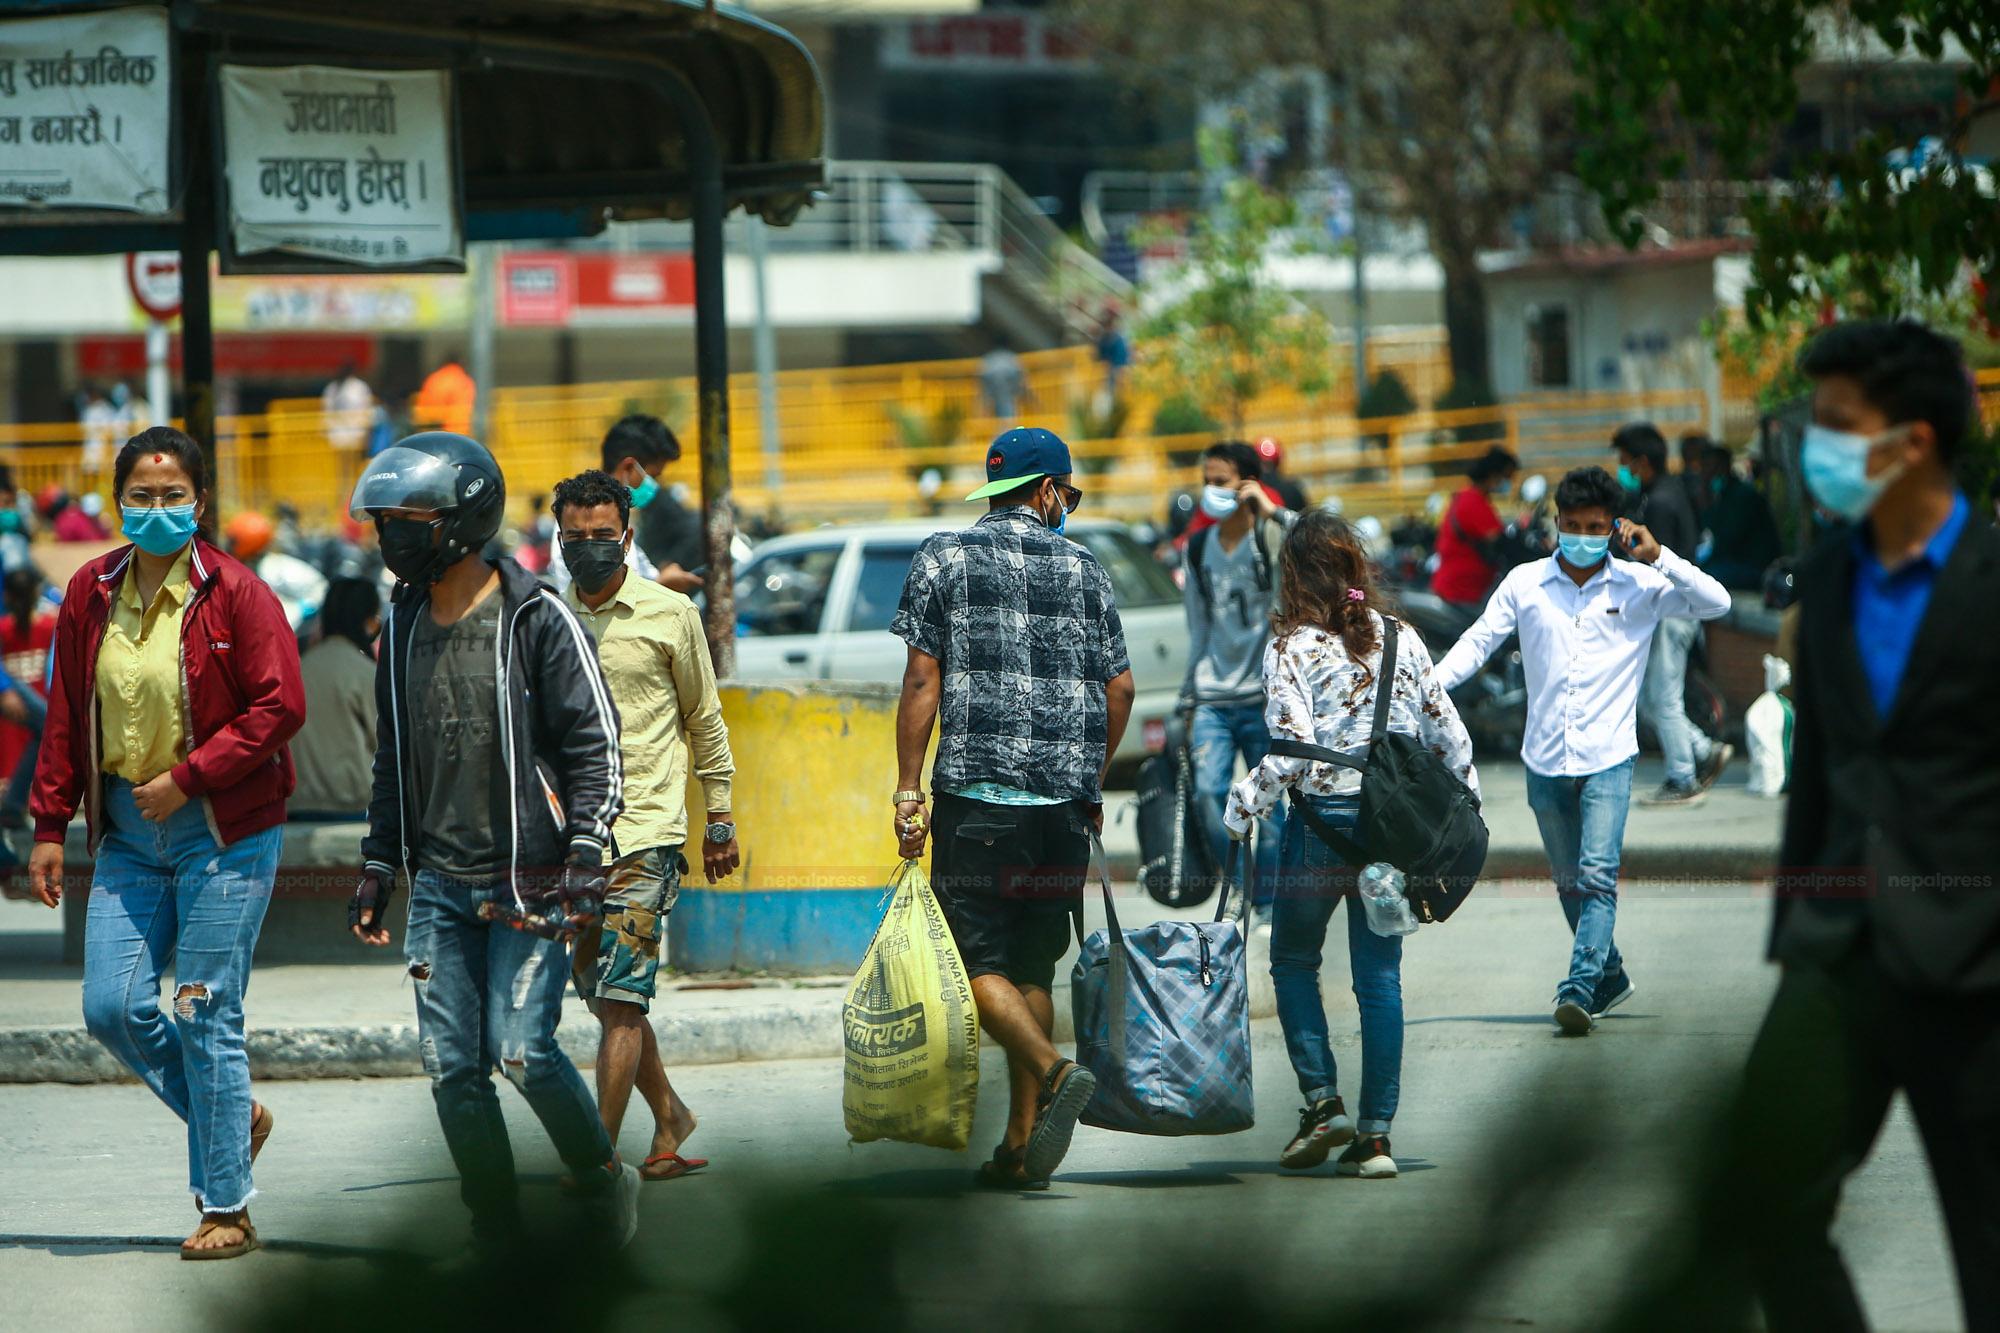 लकडाउन २.० : काठमाडौं छोडी आफ्नै थातथलोतिर